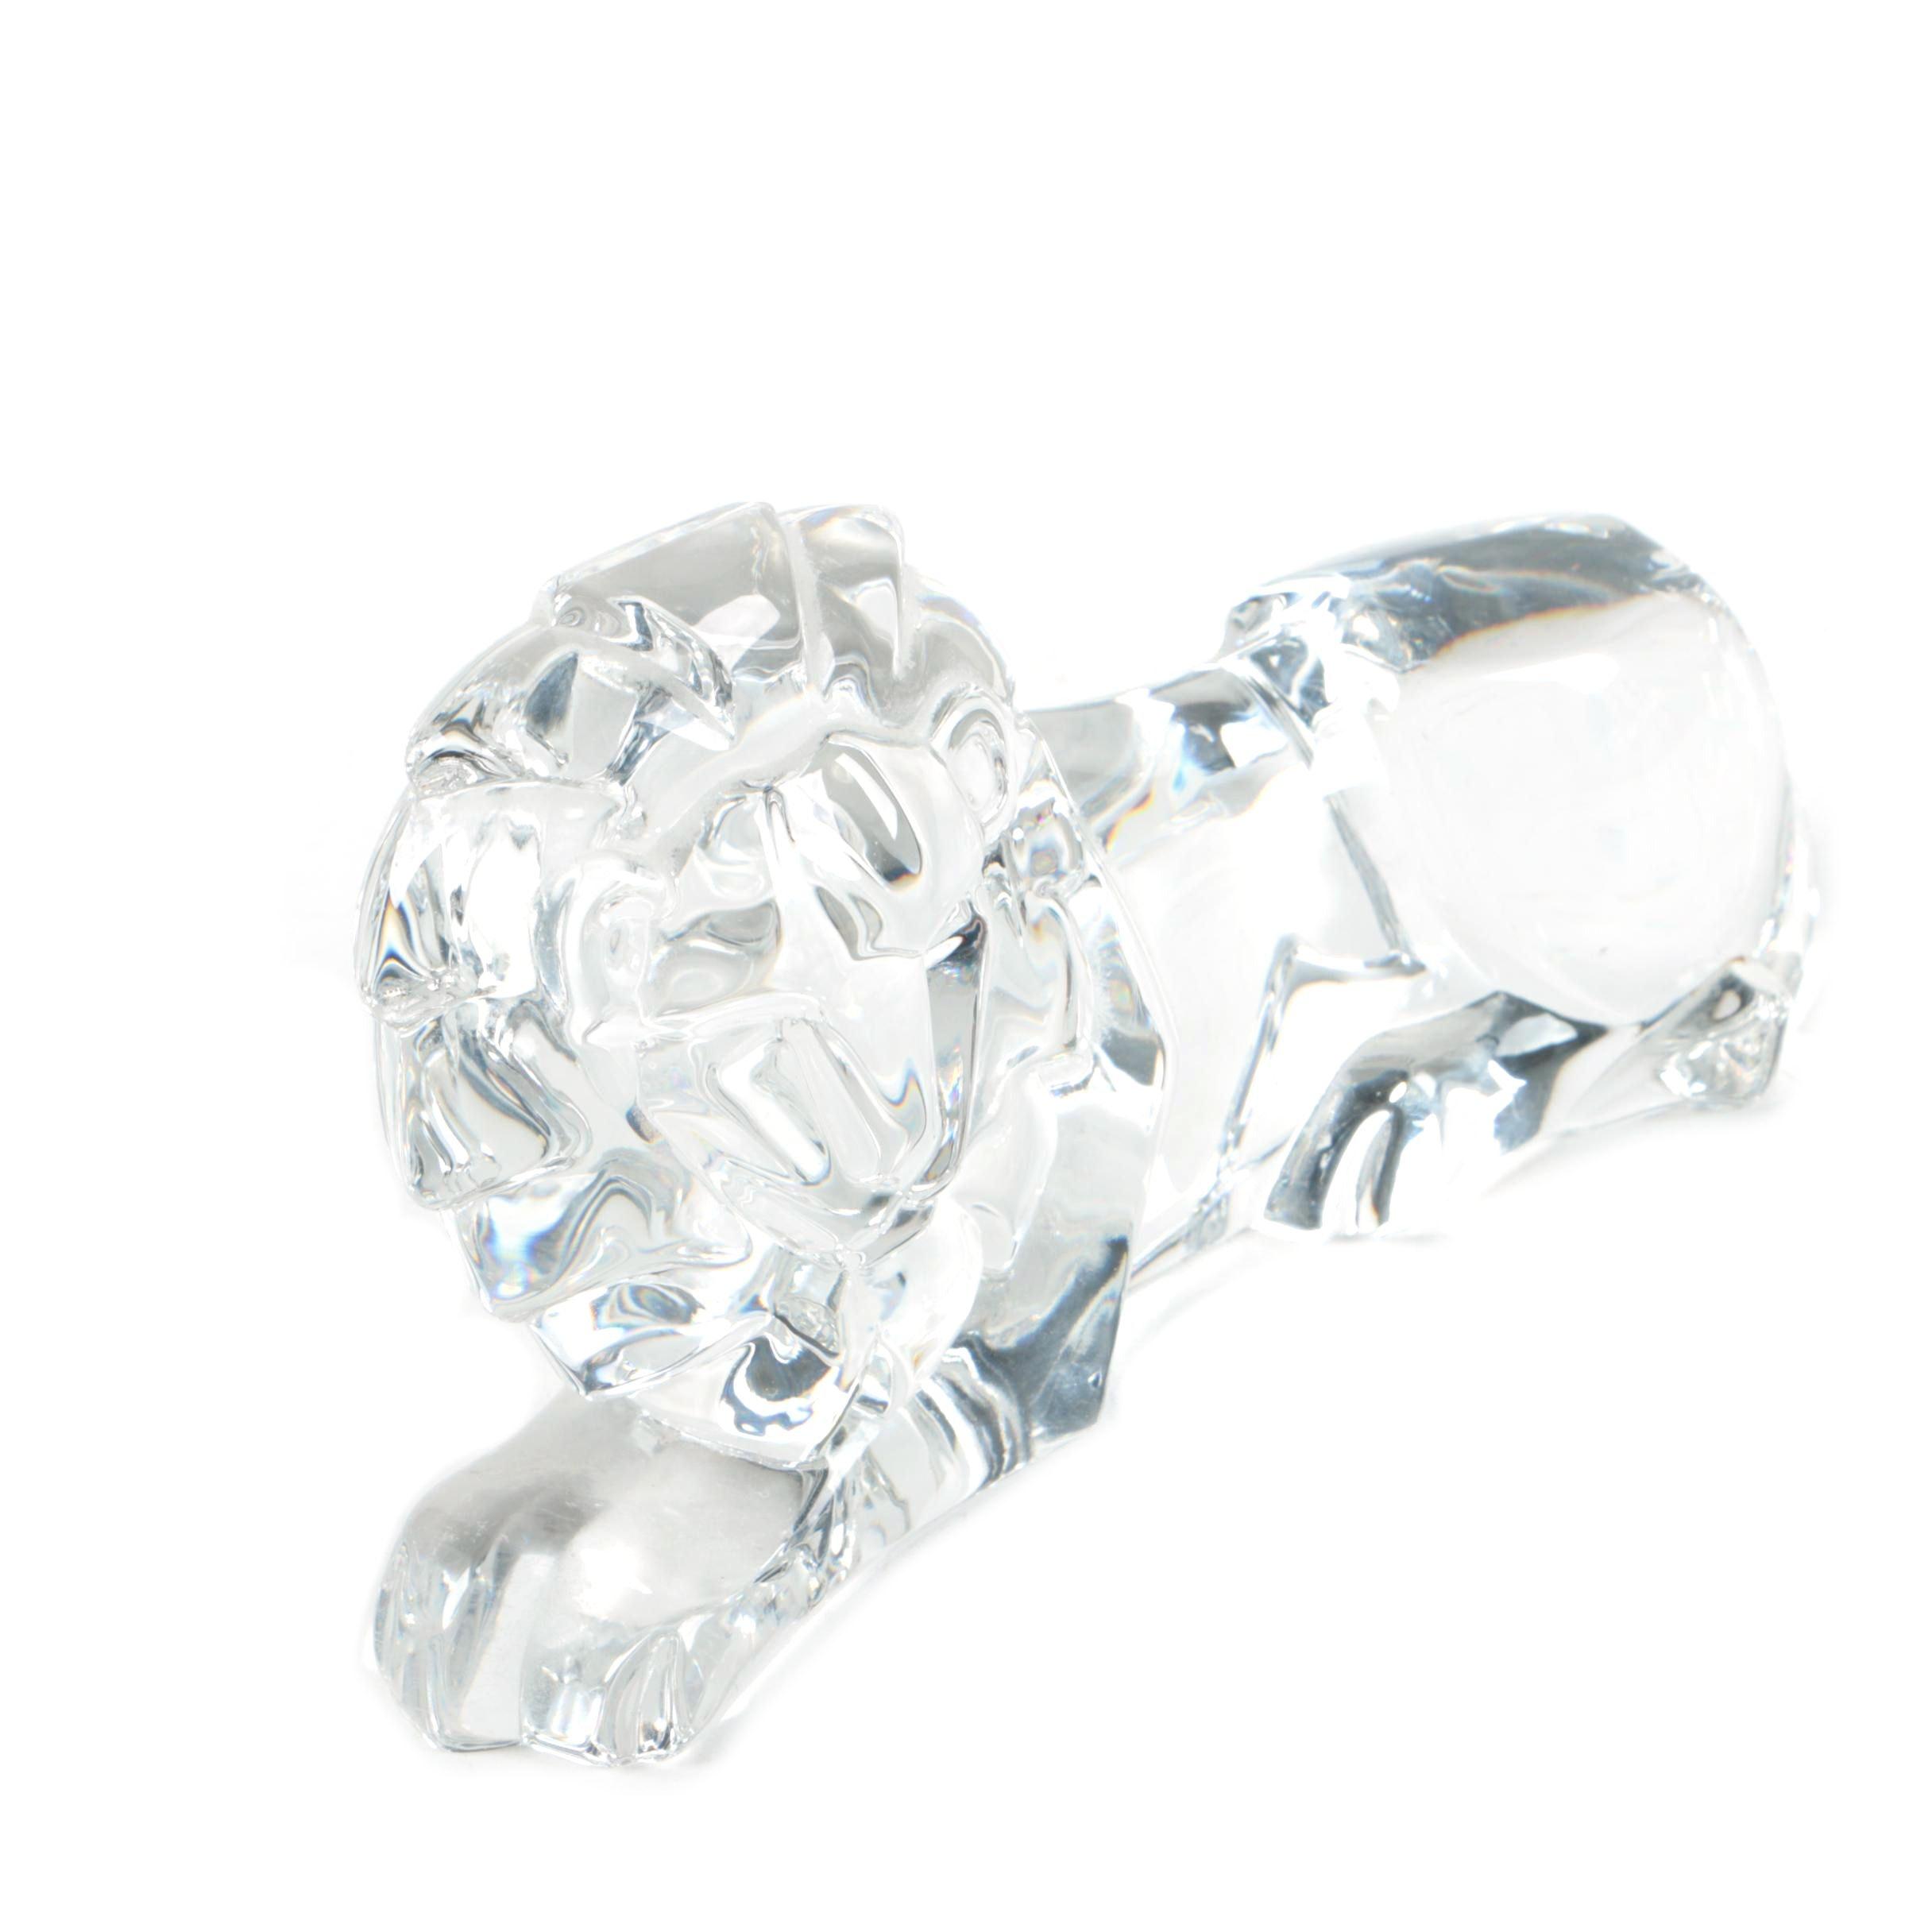 Crystal Lion Figurine